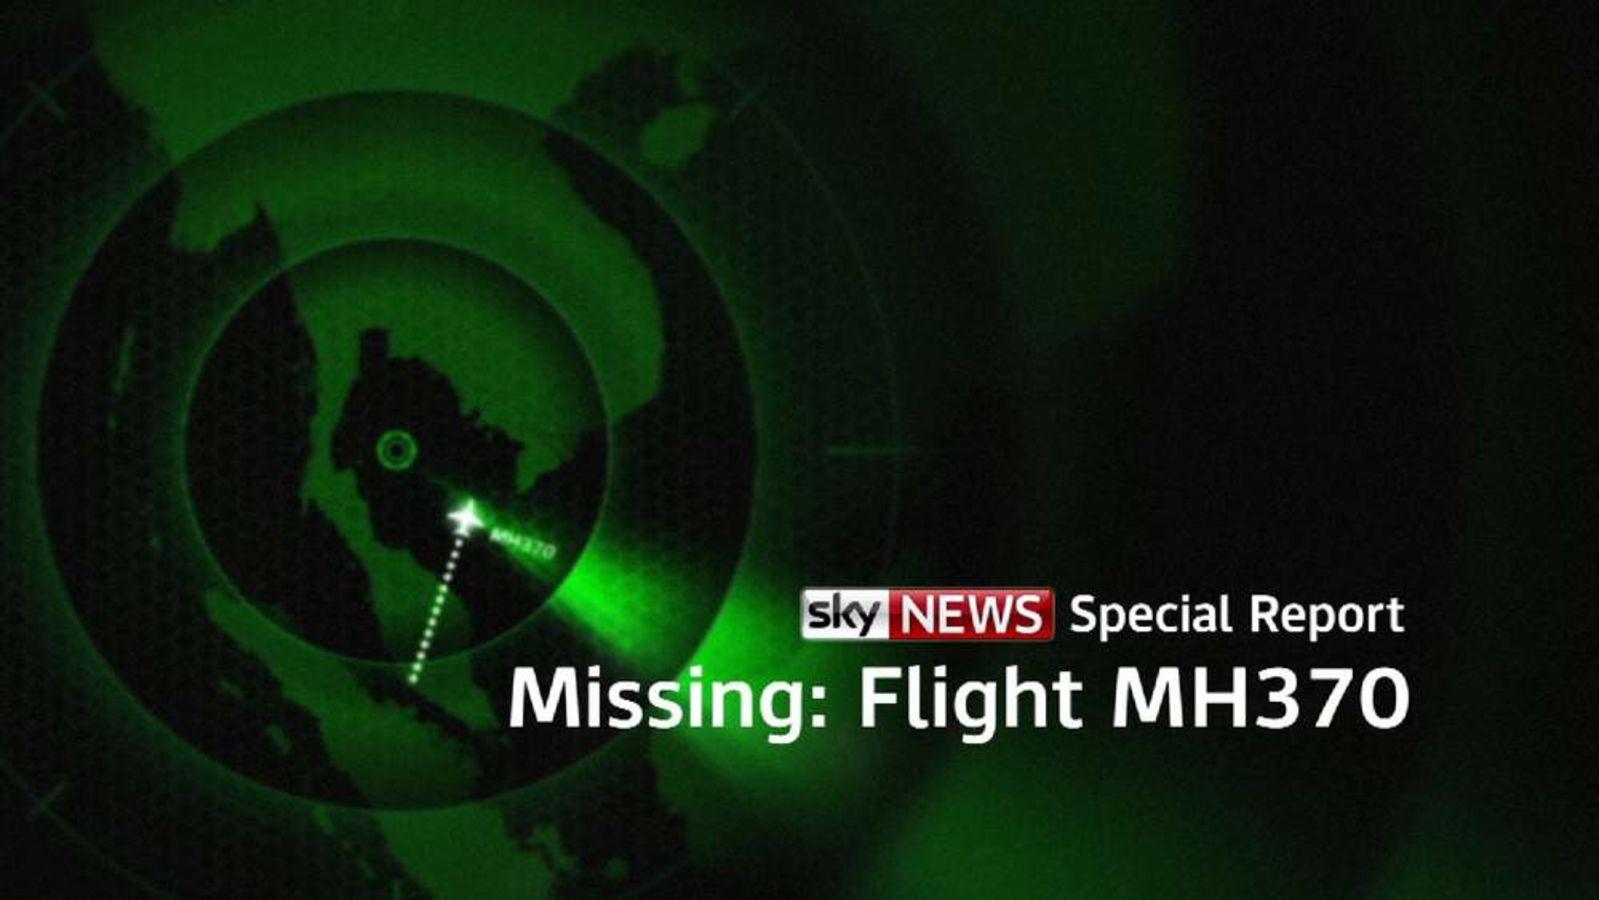 Sky News Special Report MH370